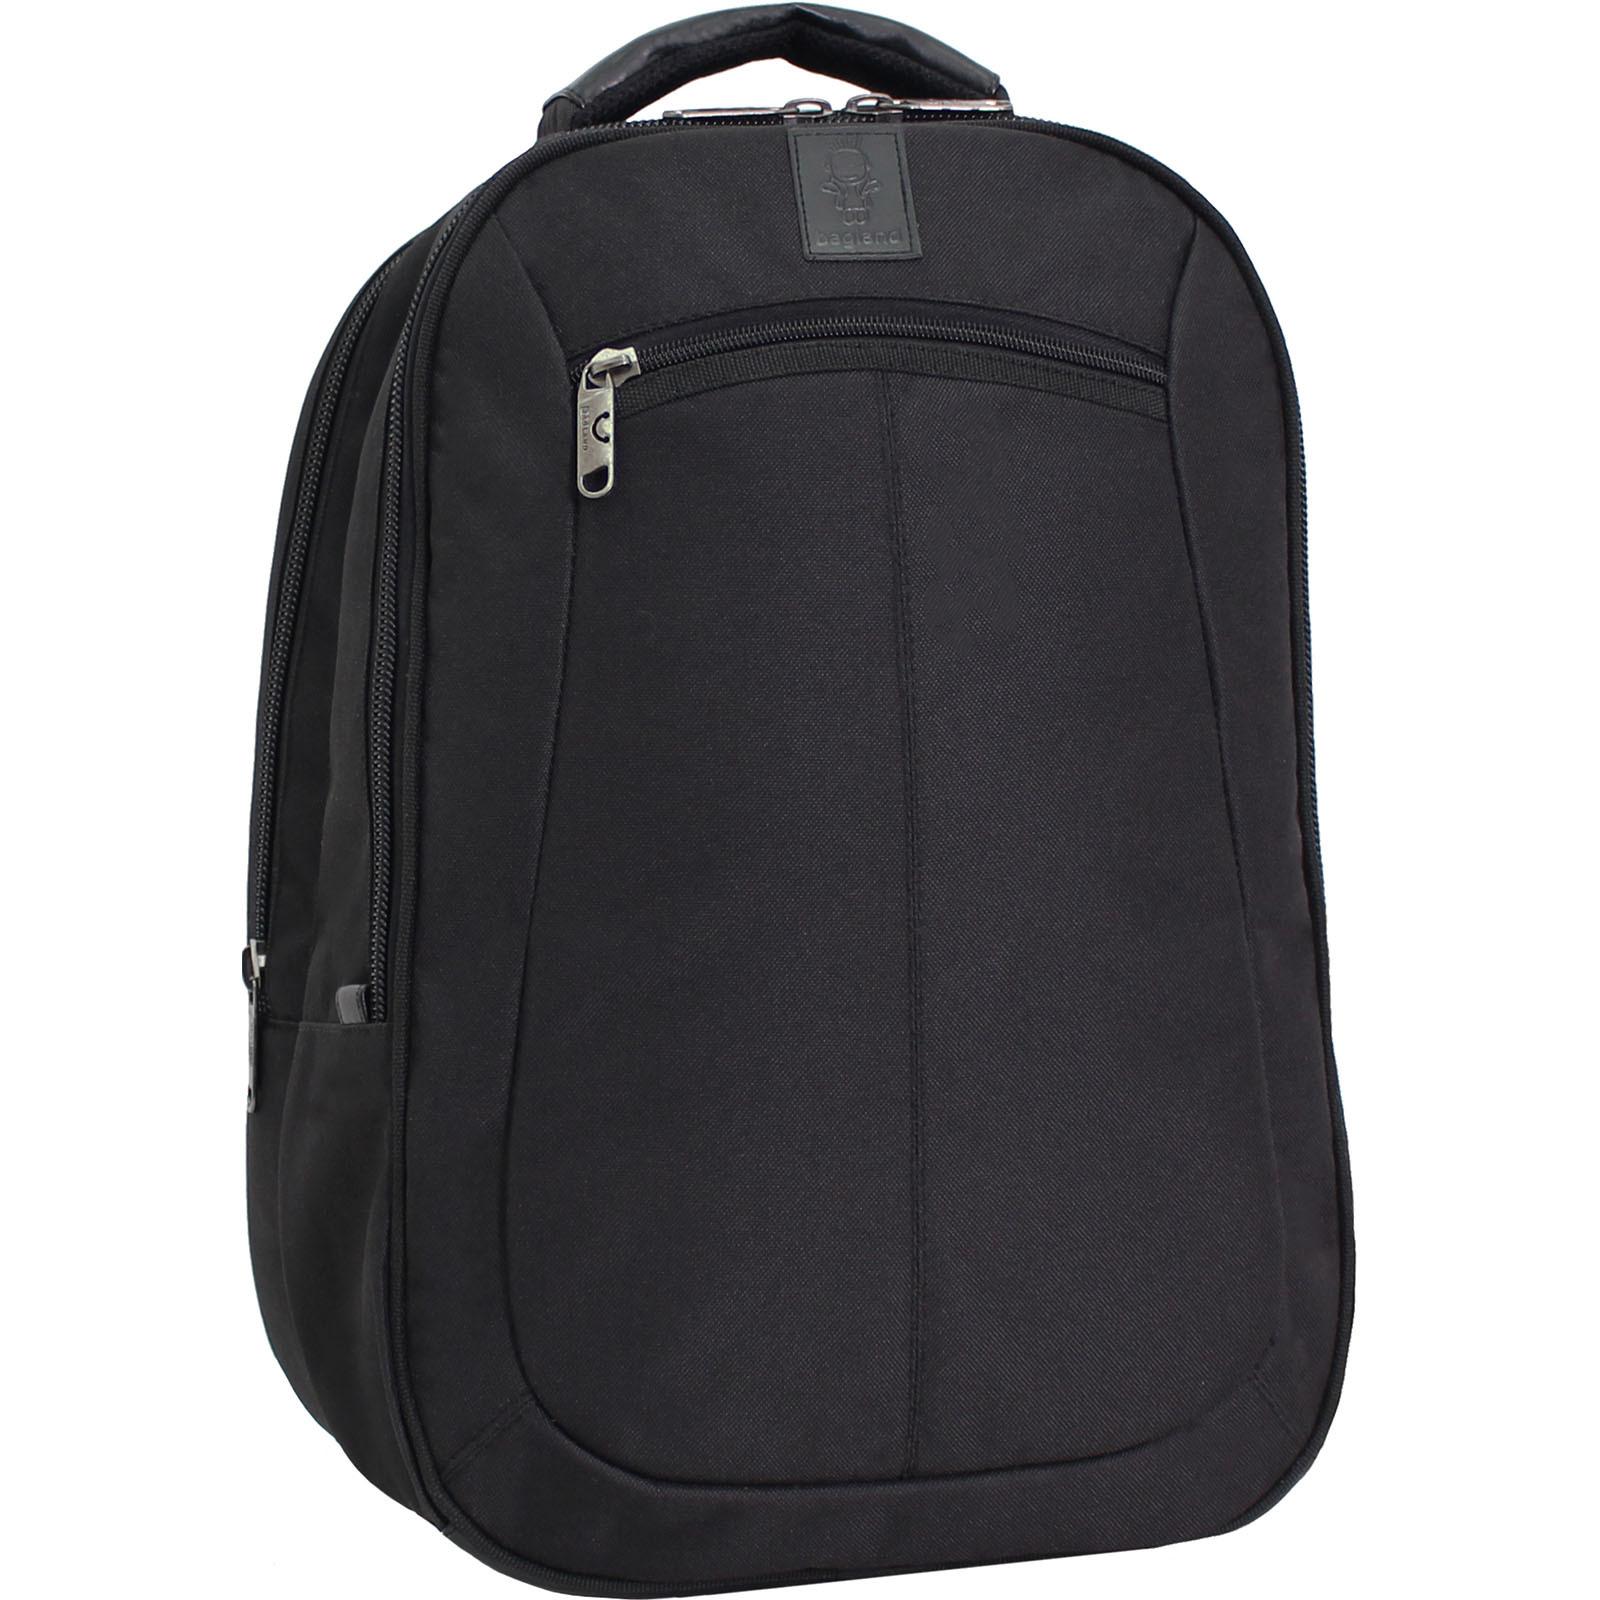 Рюкзаки для ноутбука Рюкзак для ноутбука Bagland Рюкзак под ноутбук 536 22 л. Черный (0053666) IMG_9942.JPG